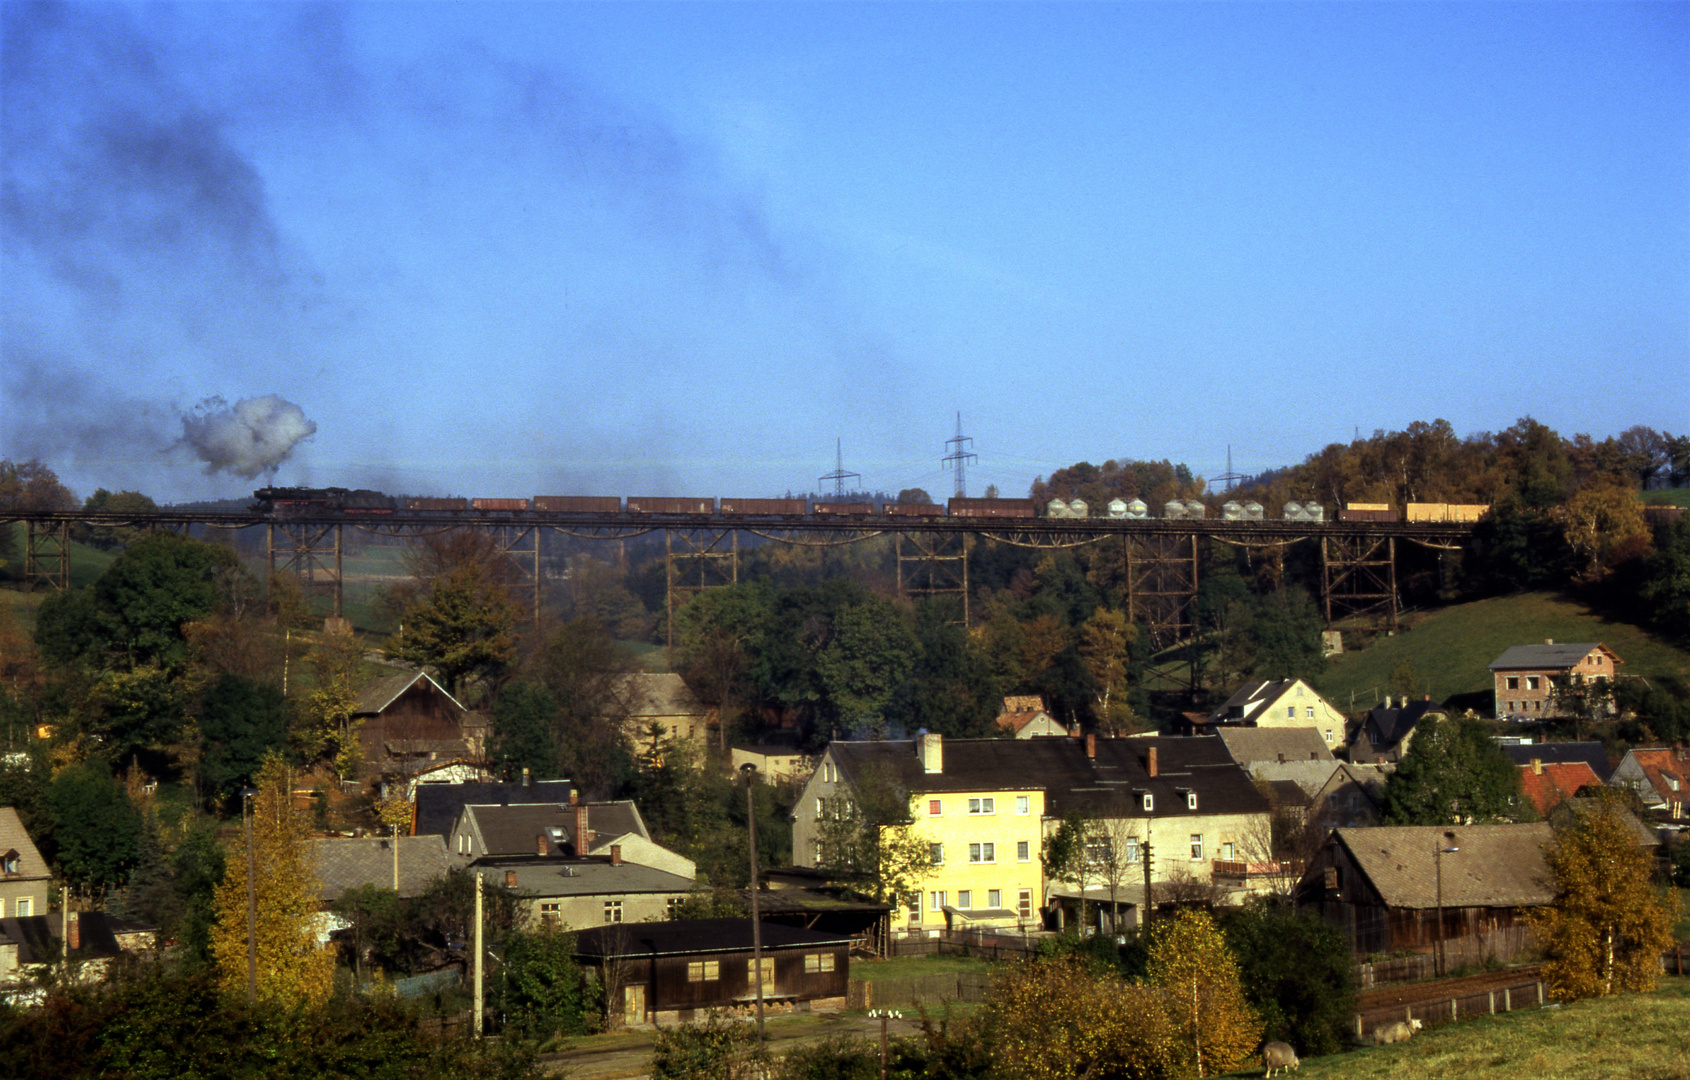 50 3145 auf Markersbacher Viadukt (6)